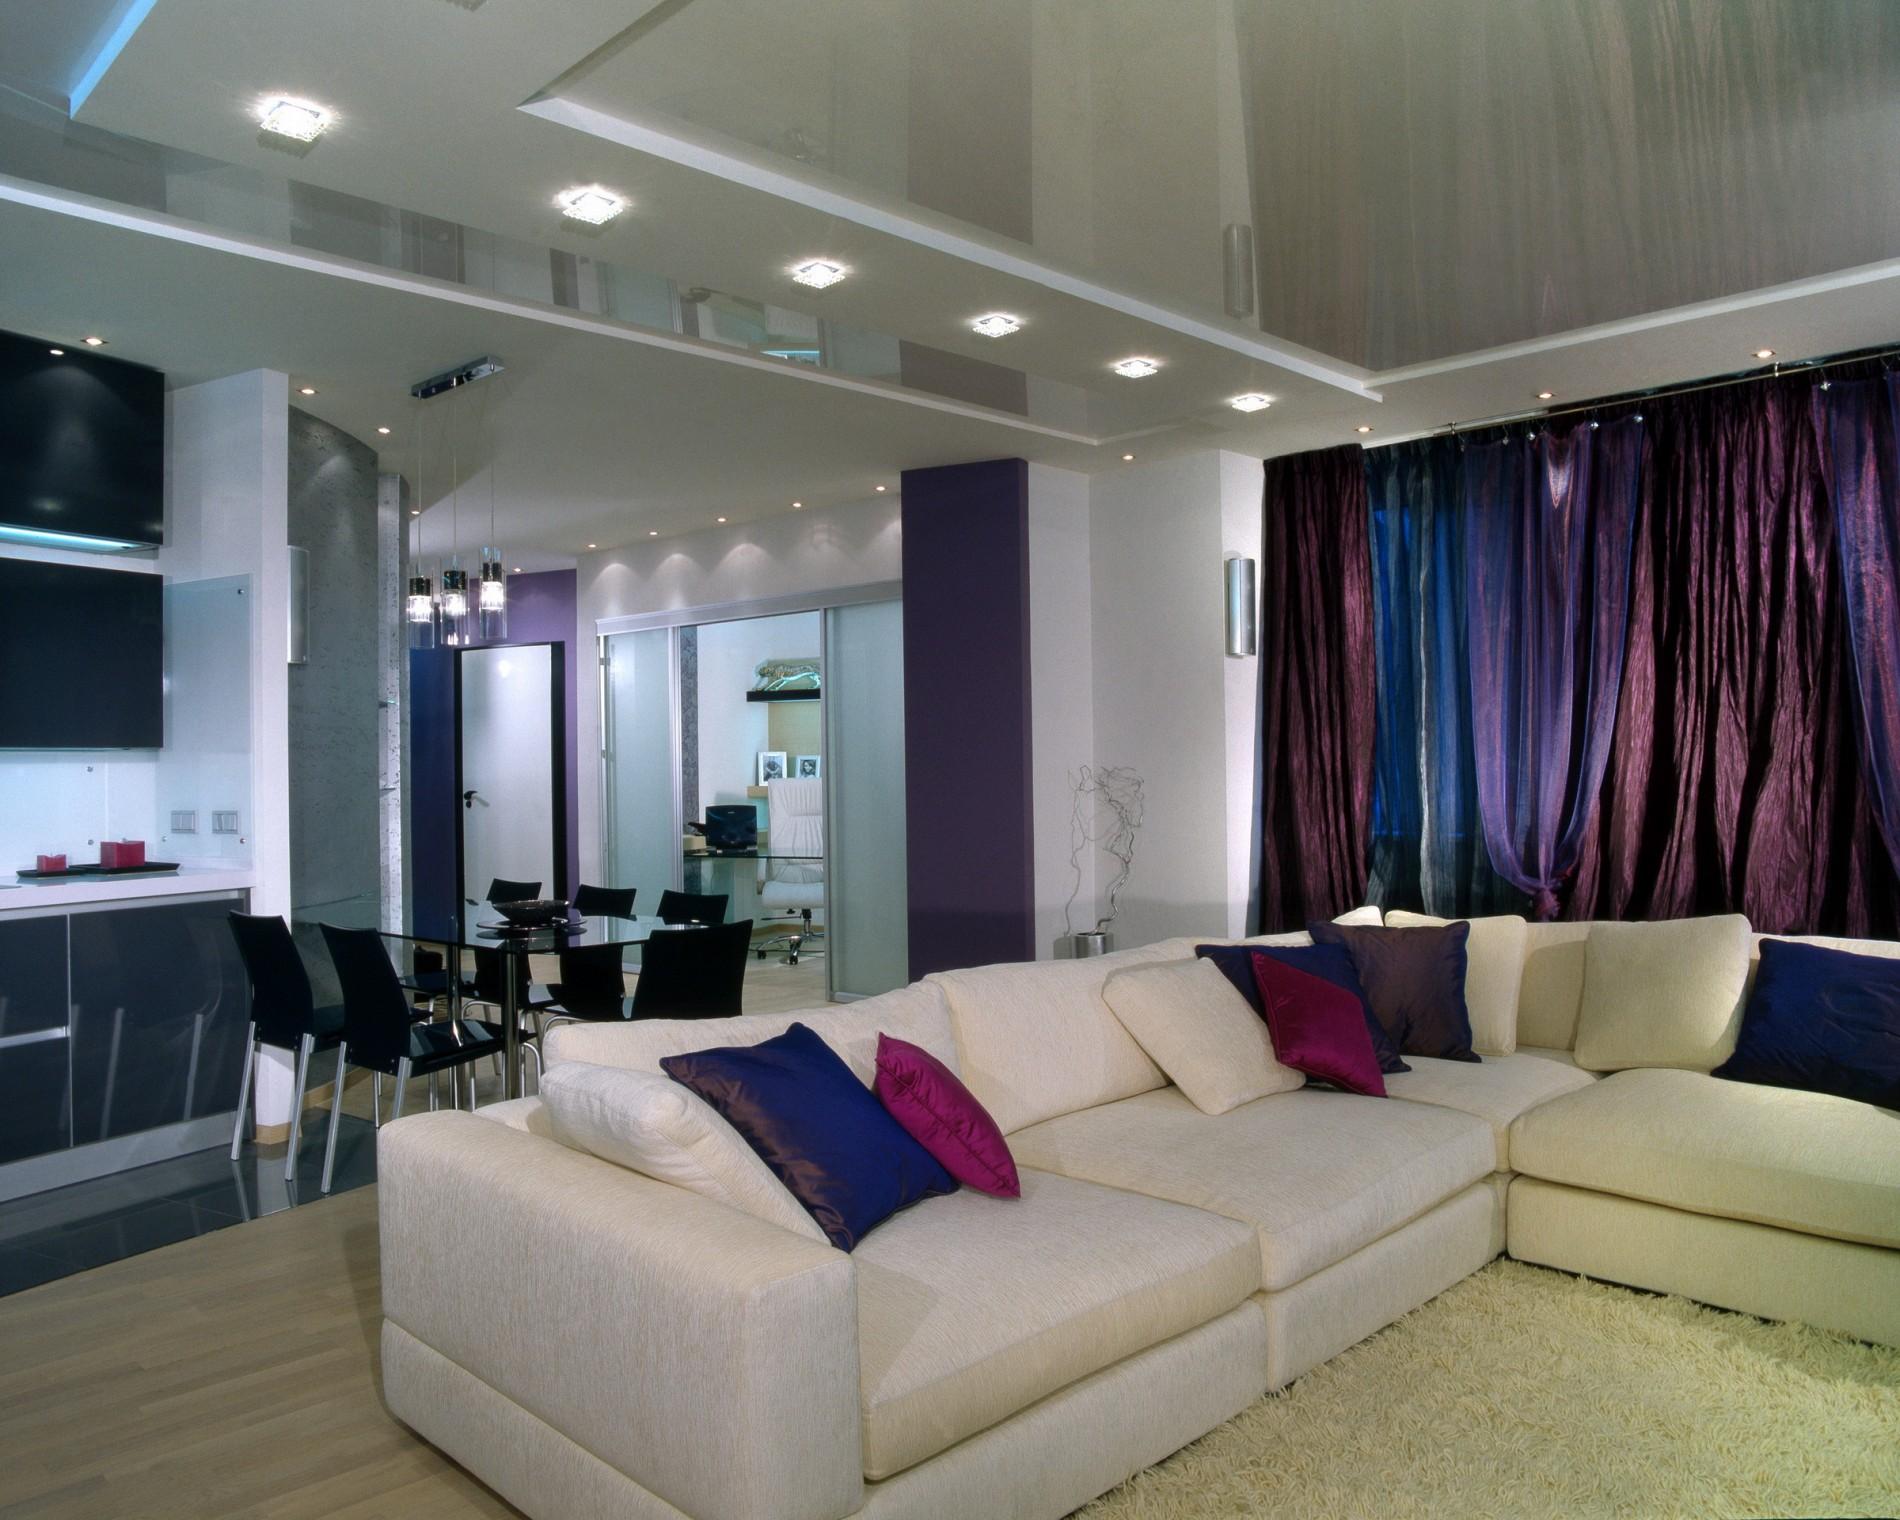 Эксклюзивный дизайн квартир минимализм